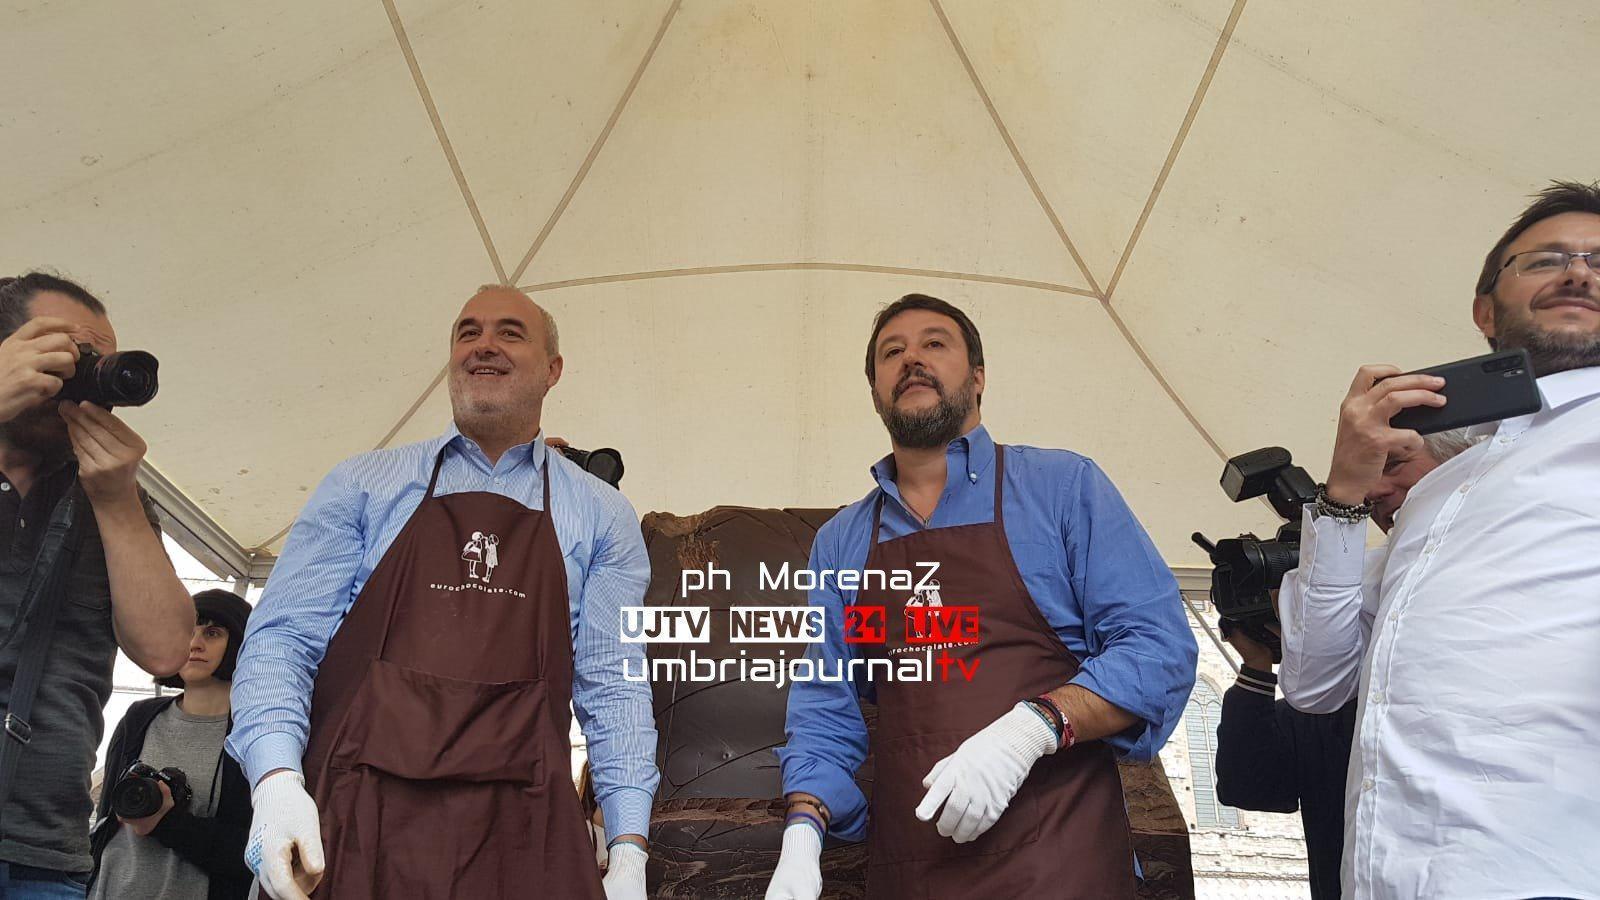 Scultore di cioccolato per un giorno, Matteo Salvini a Eurochocolate